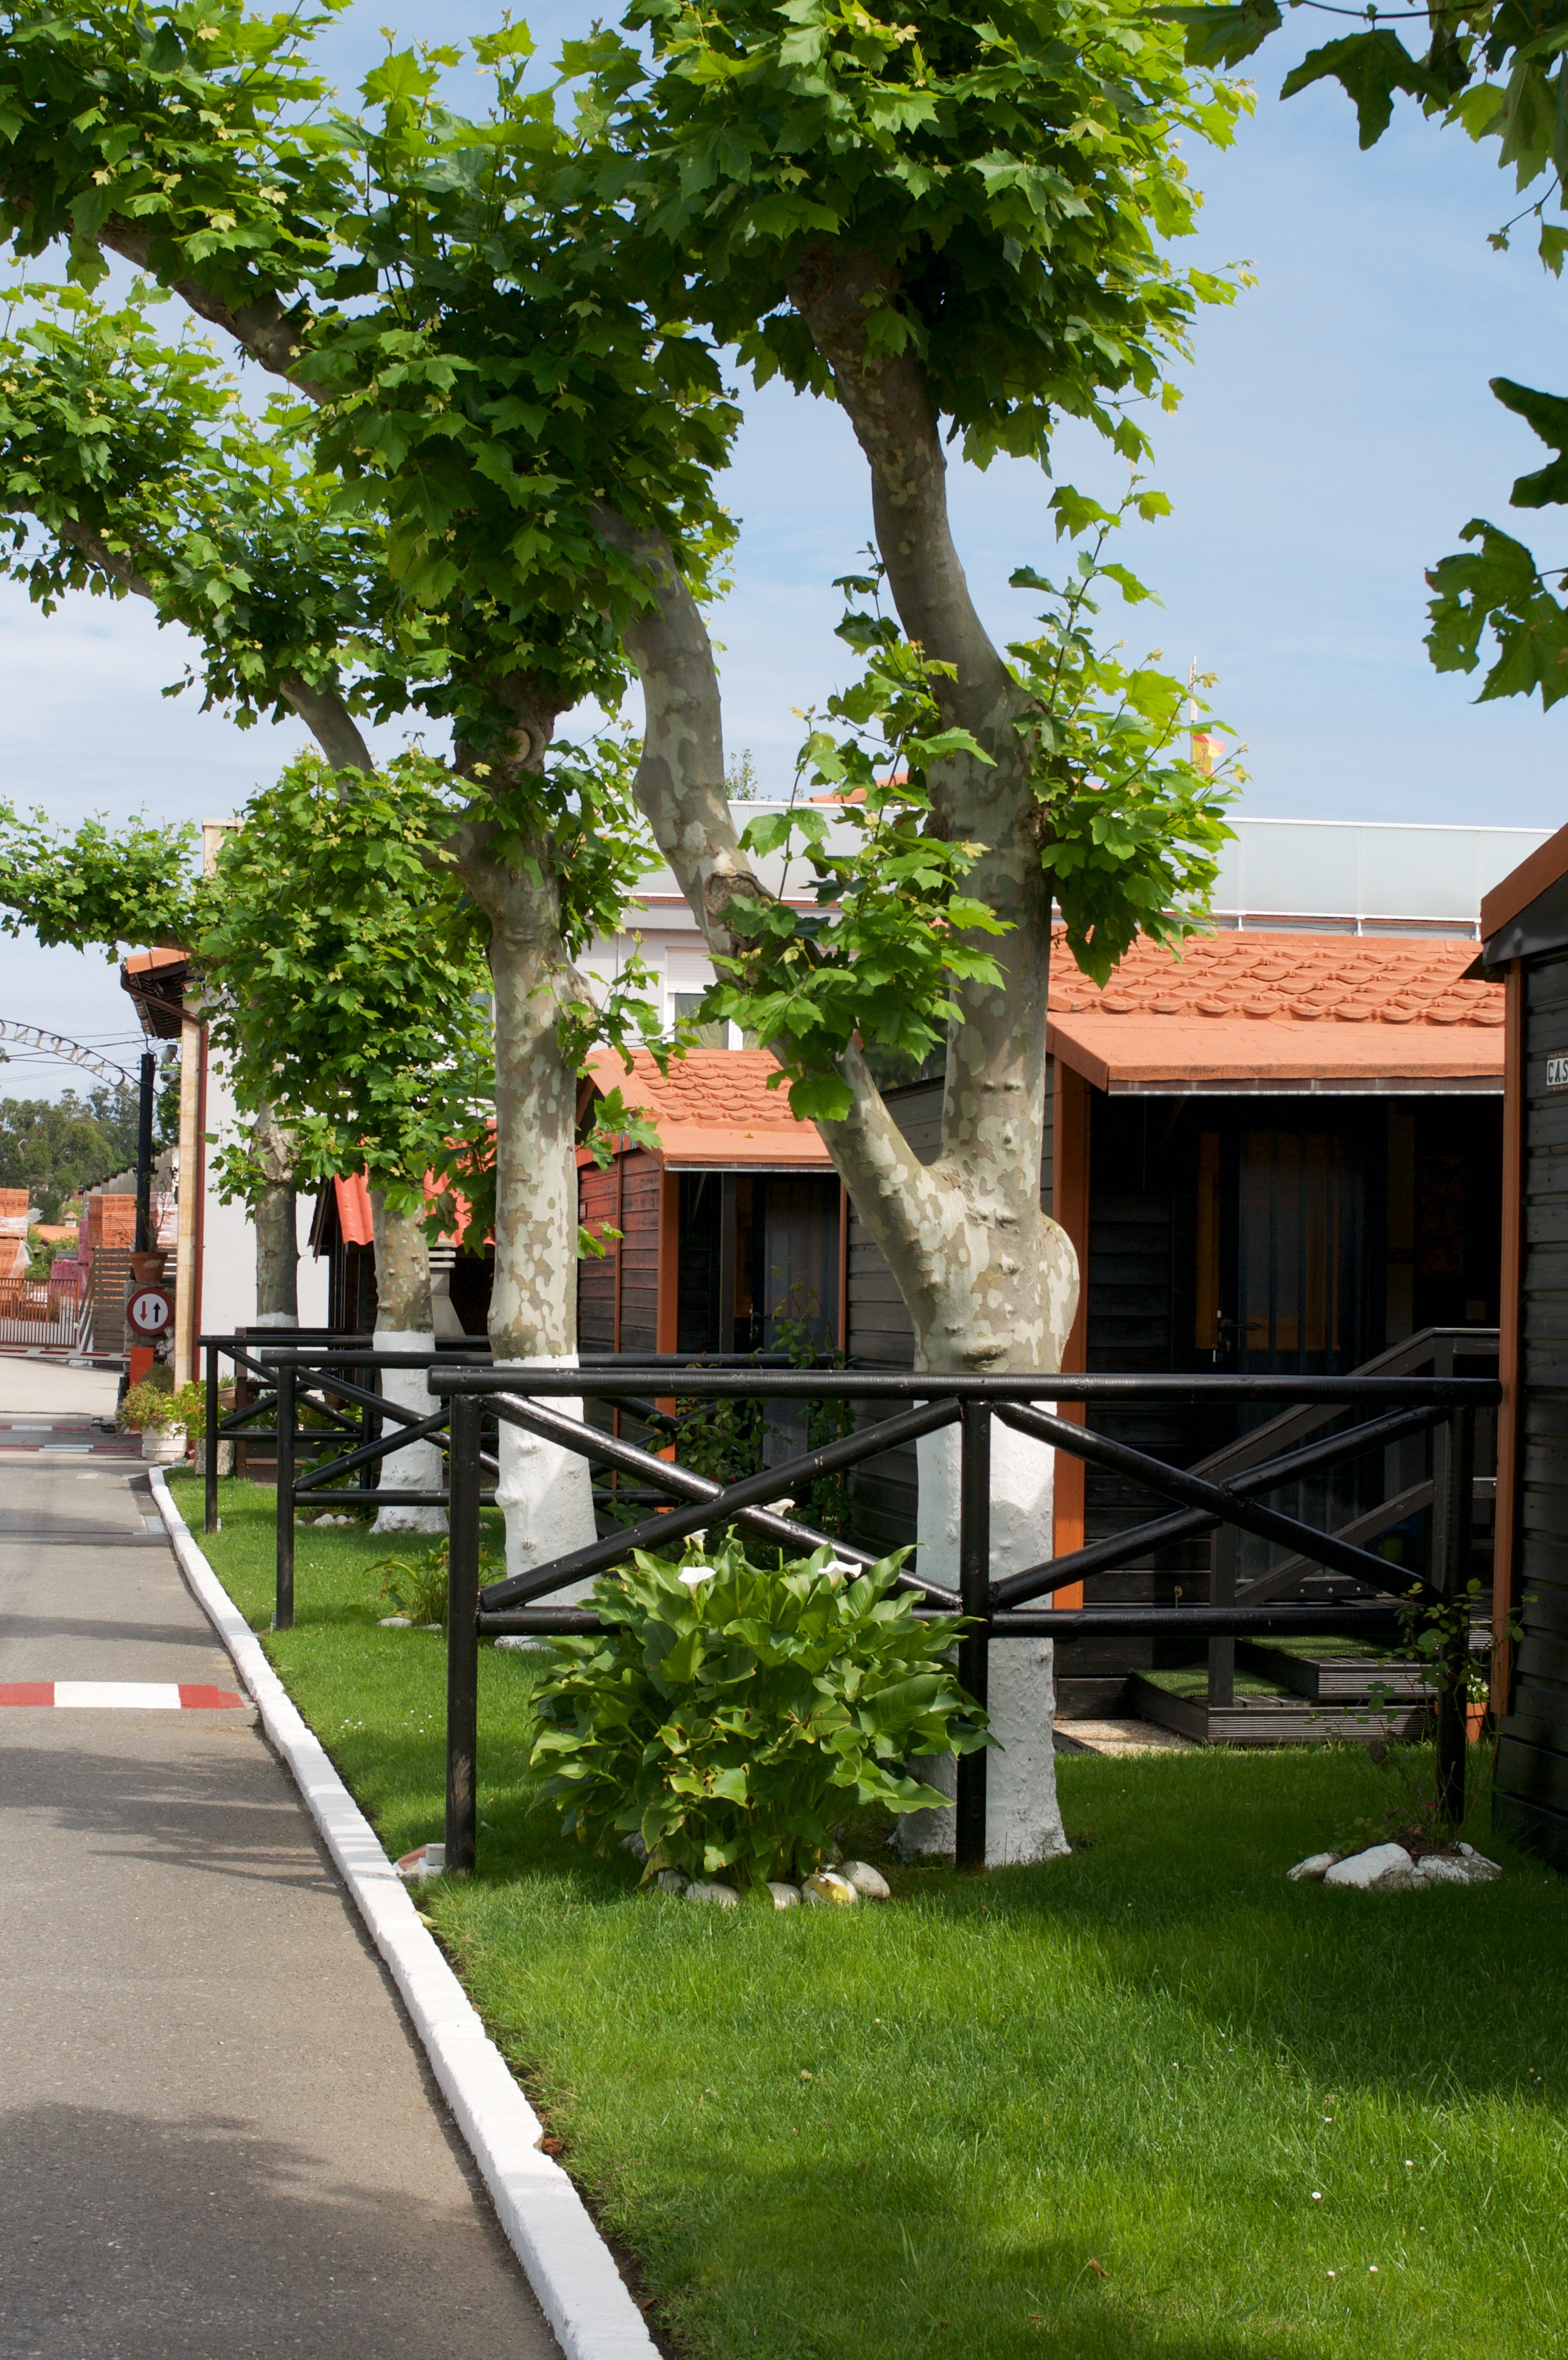 Exteriores calle bungalows